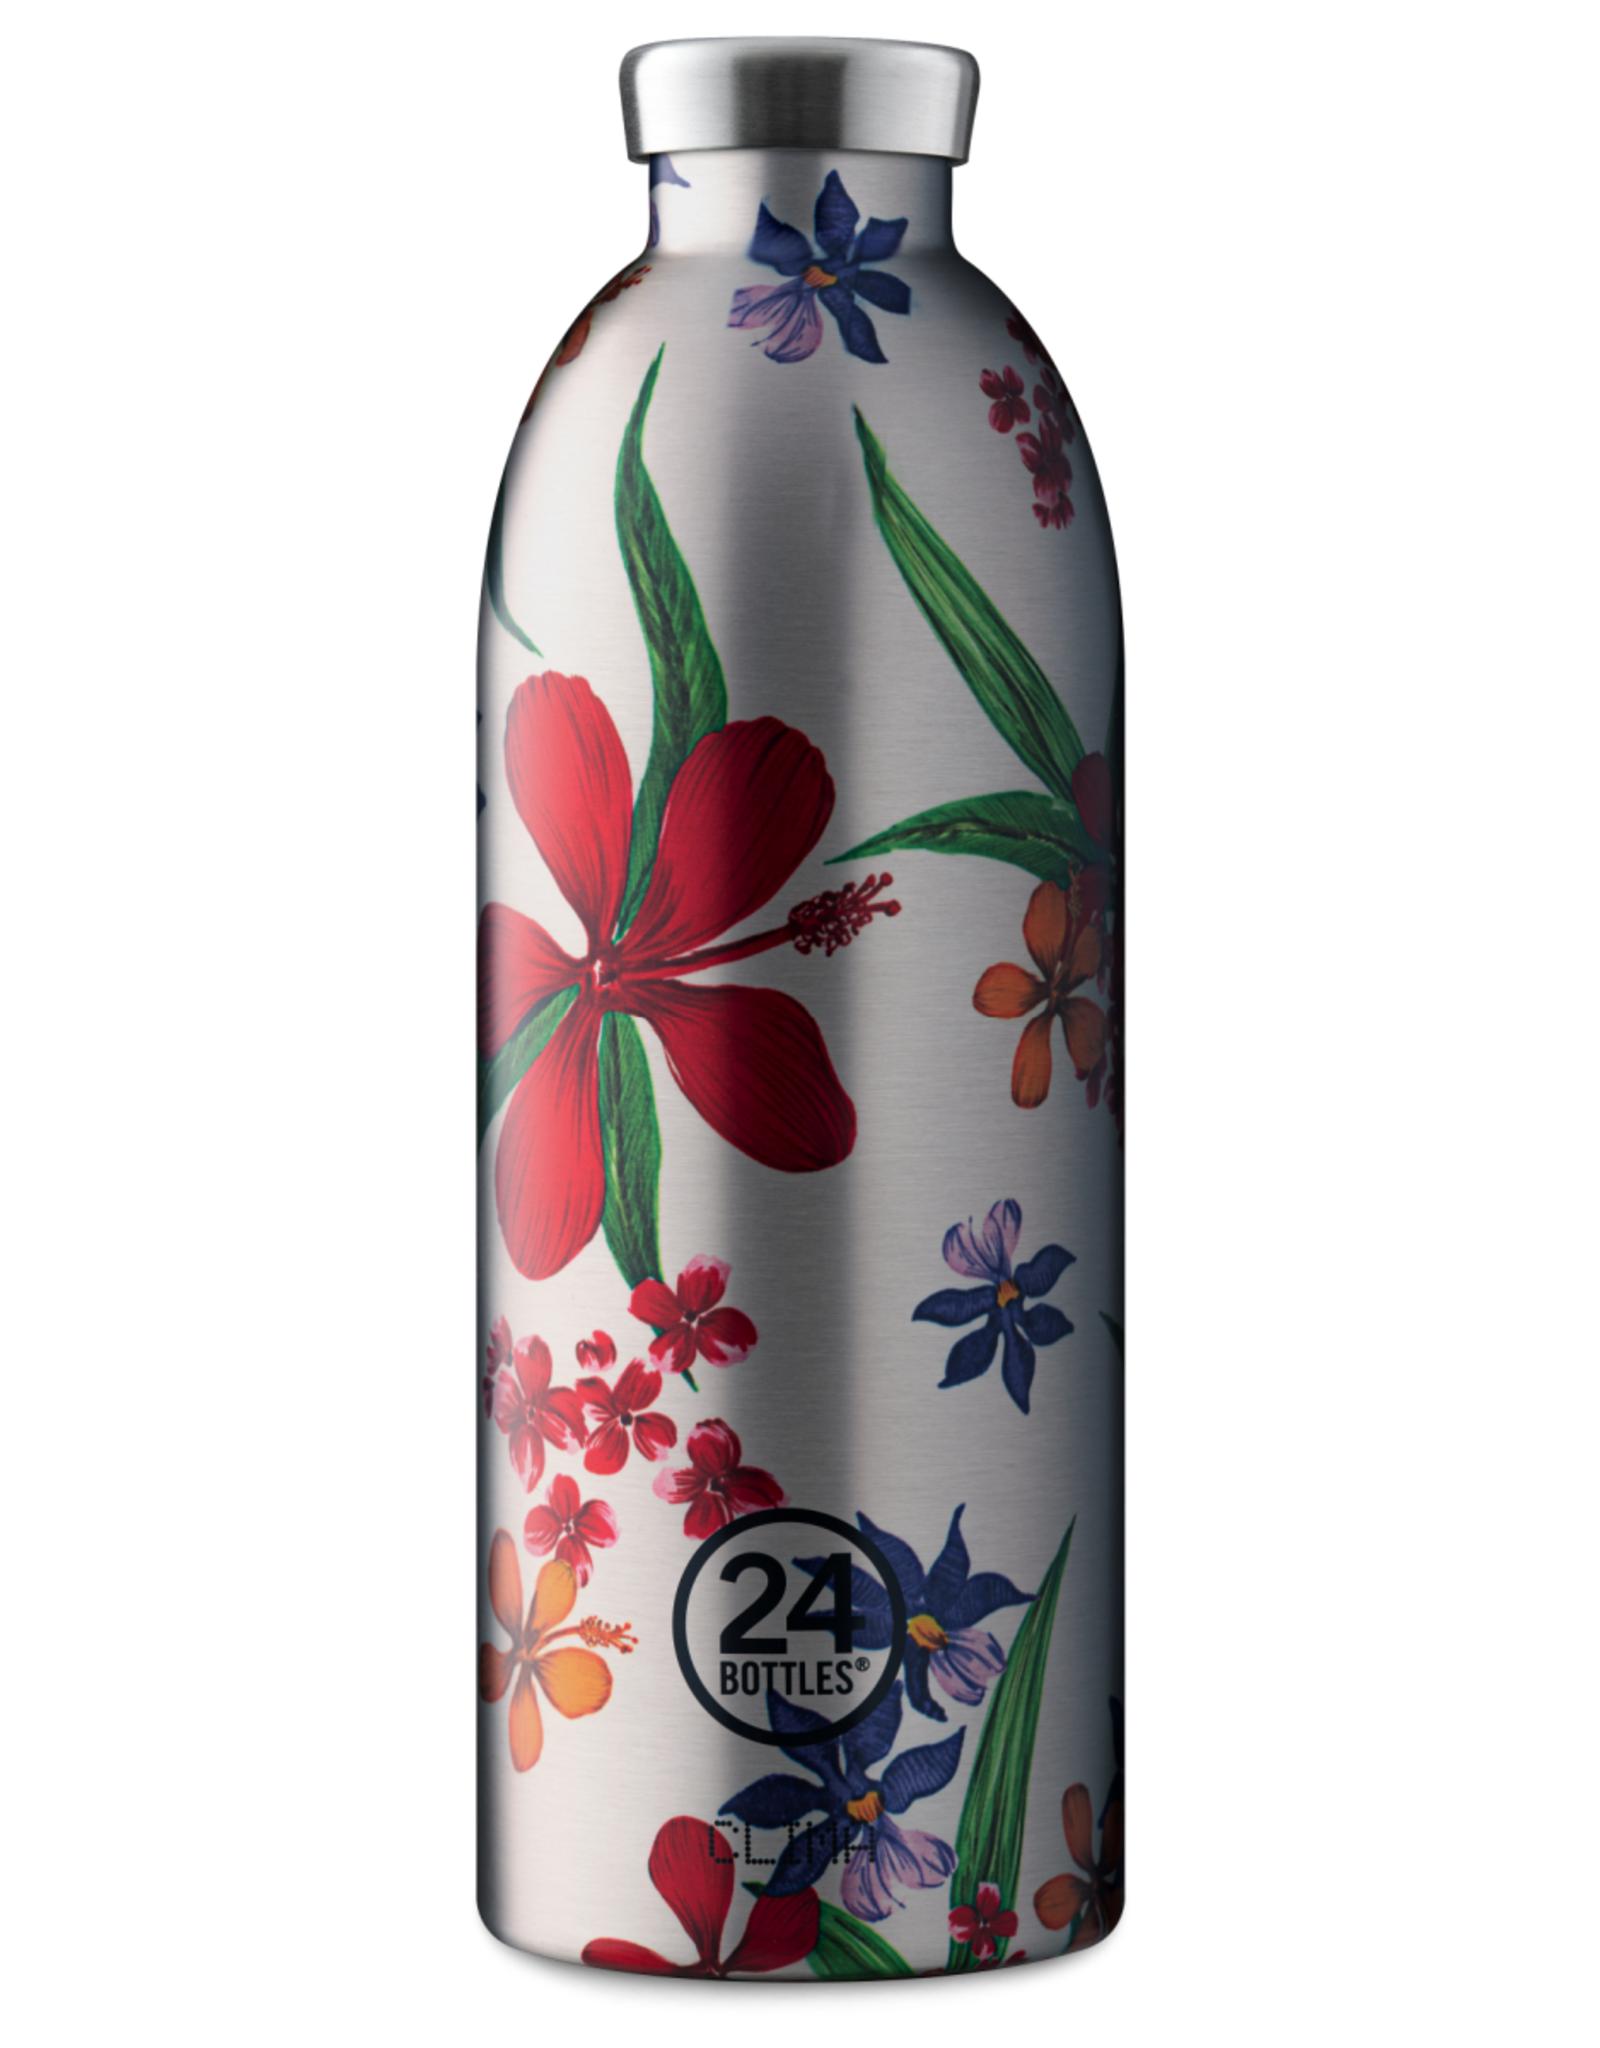 24 bottles Clima bottle - Amnesia 850 ml